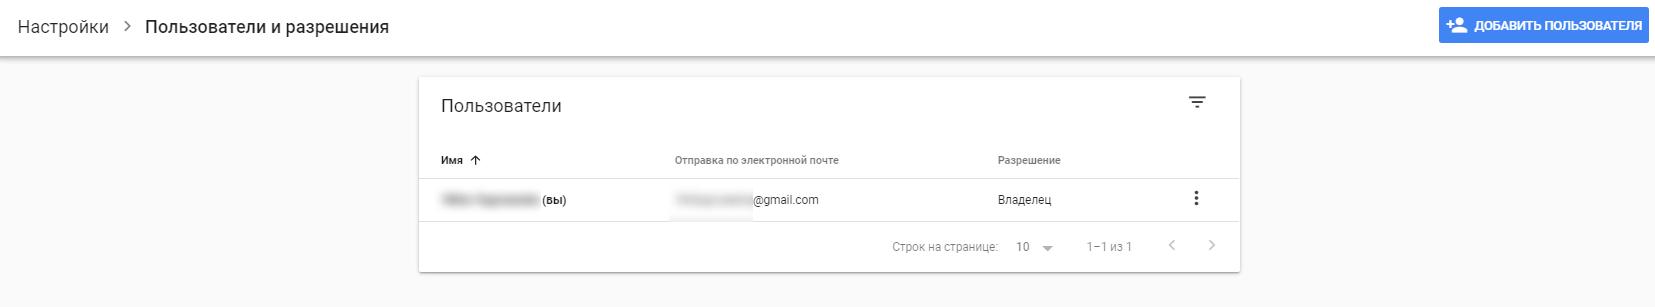 пользователи, владельцы и разрешения